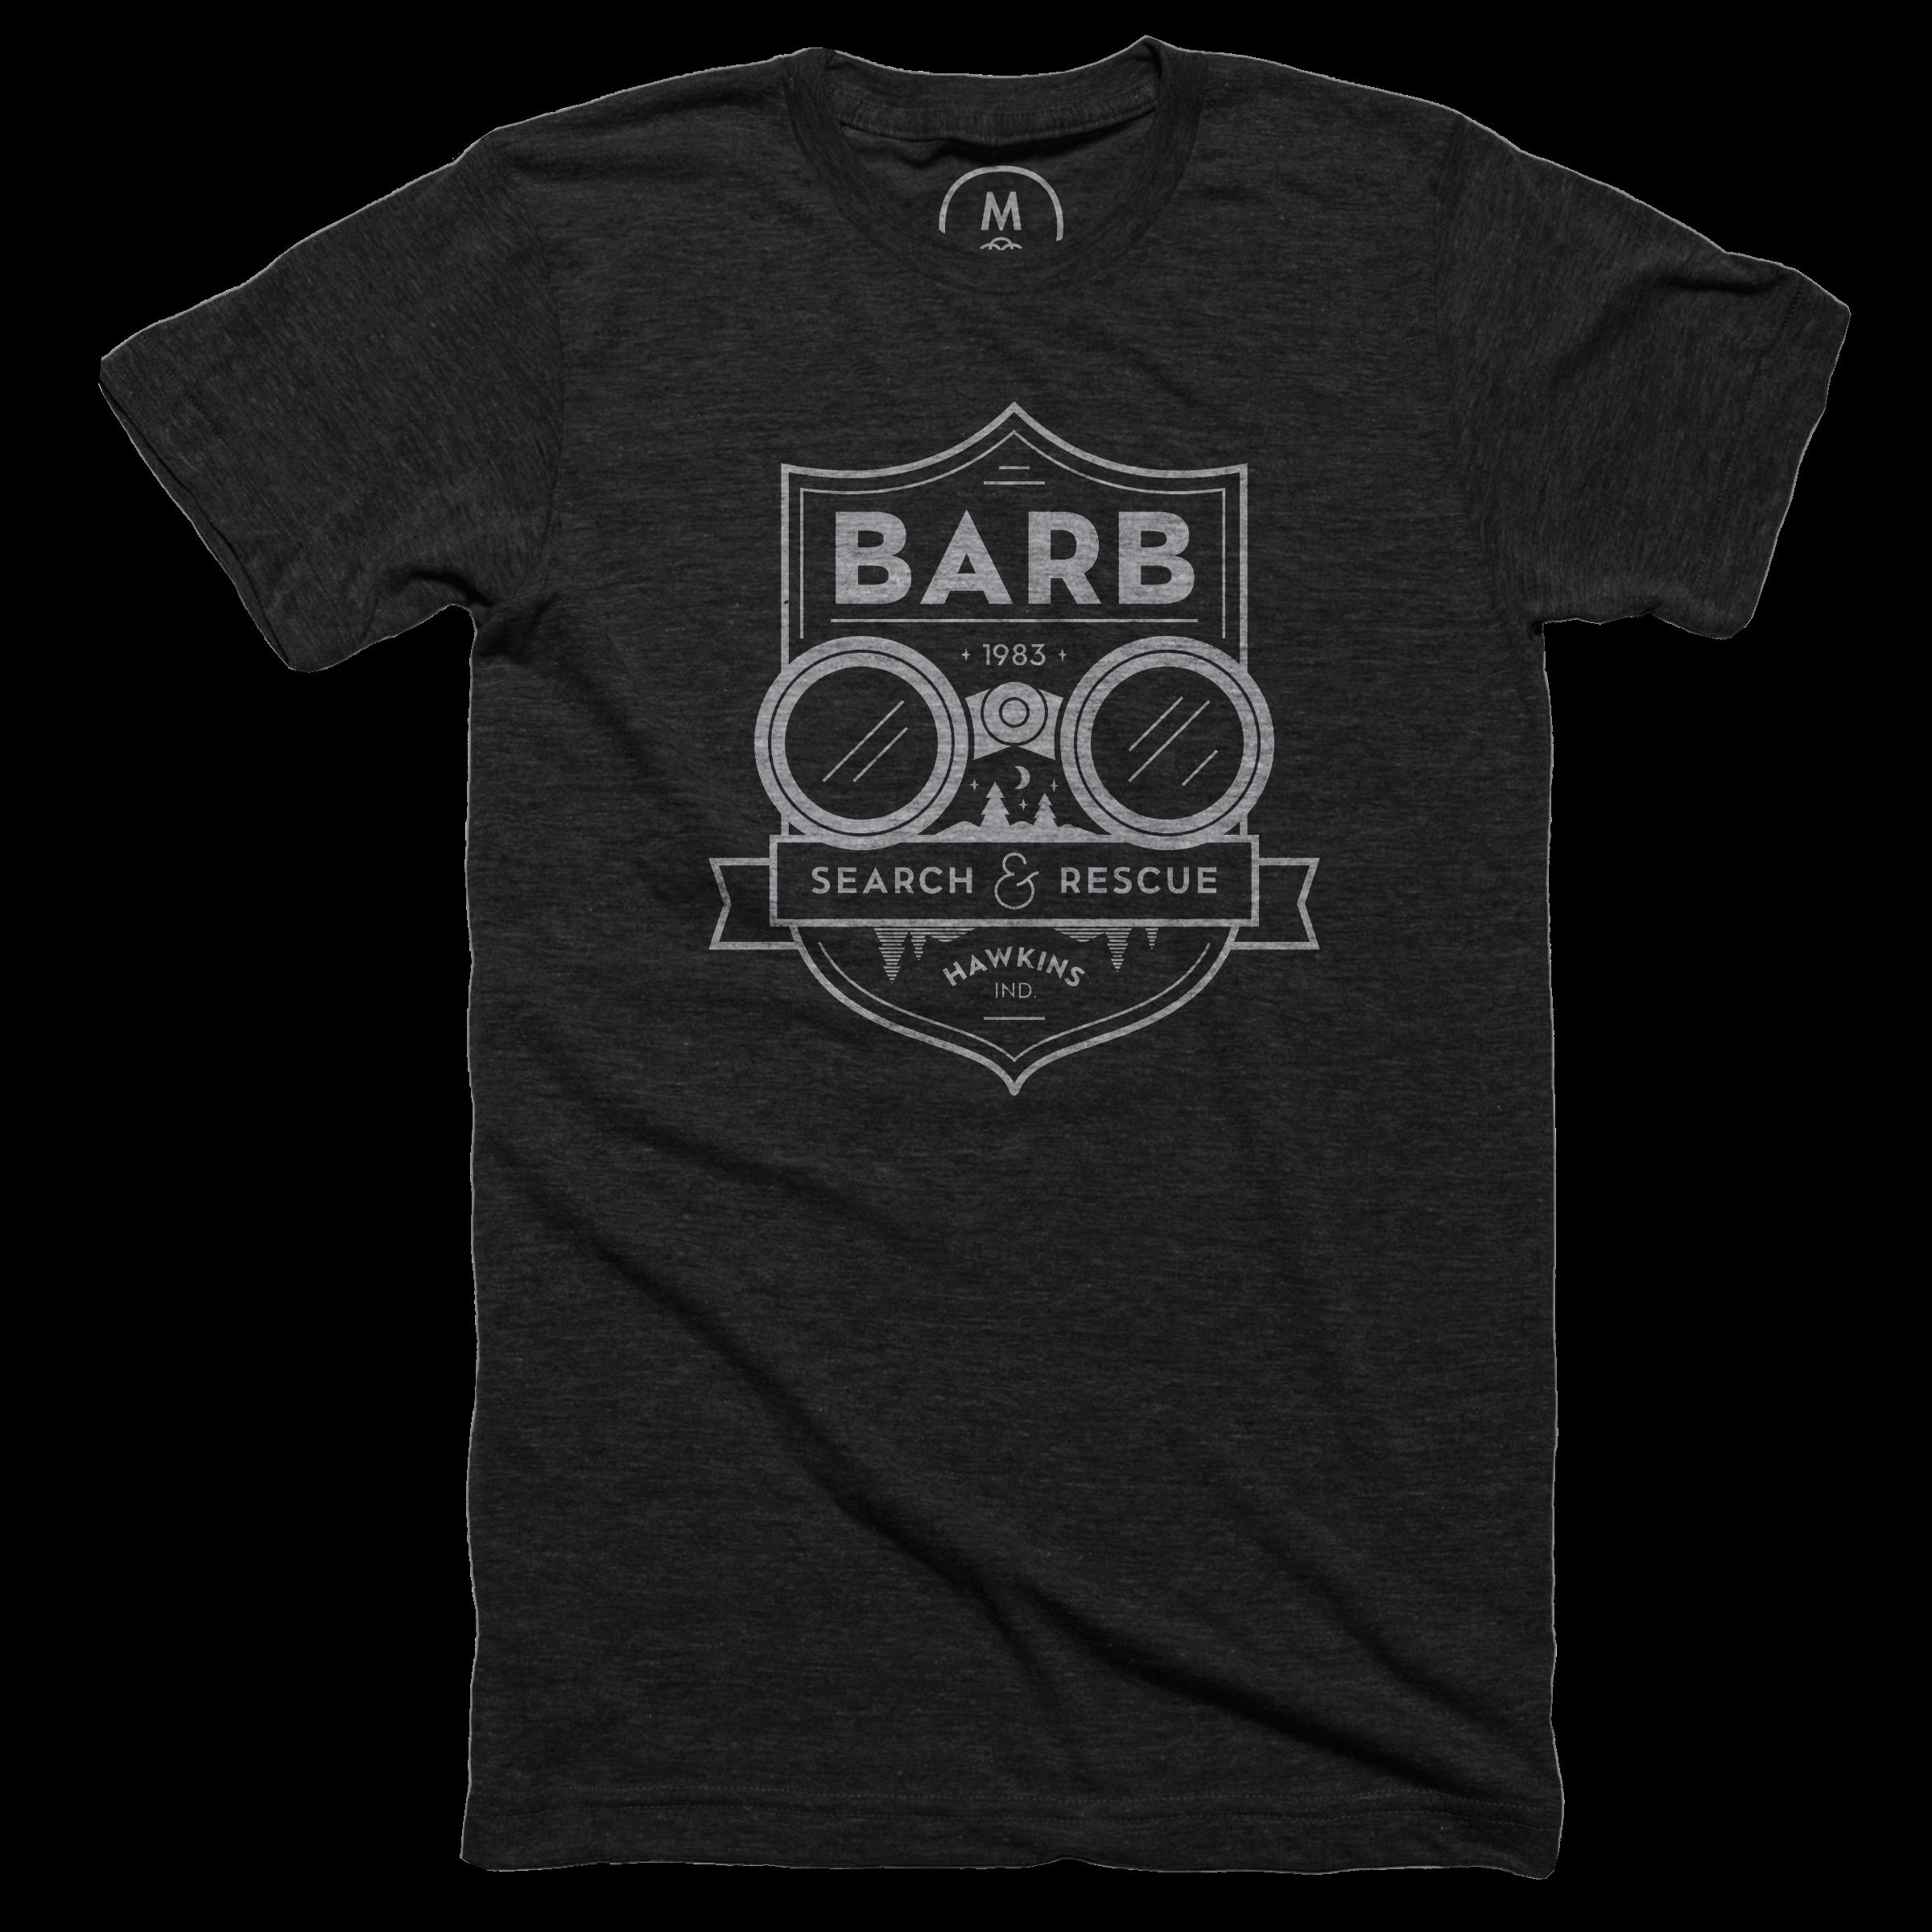 Barb Search & Rescue